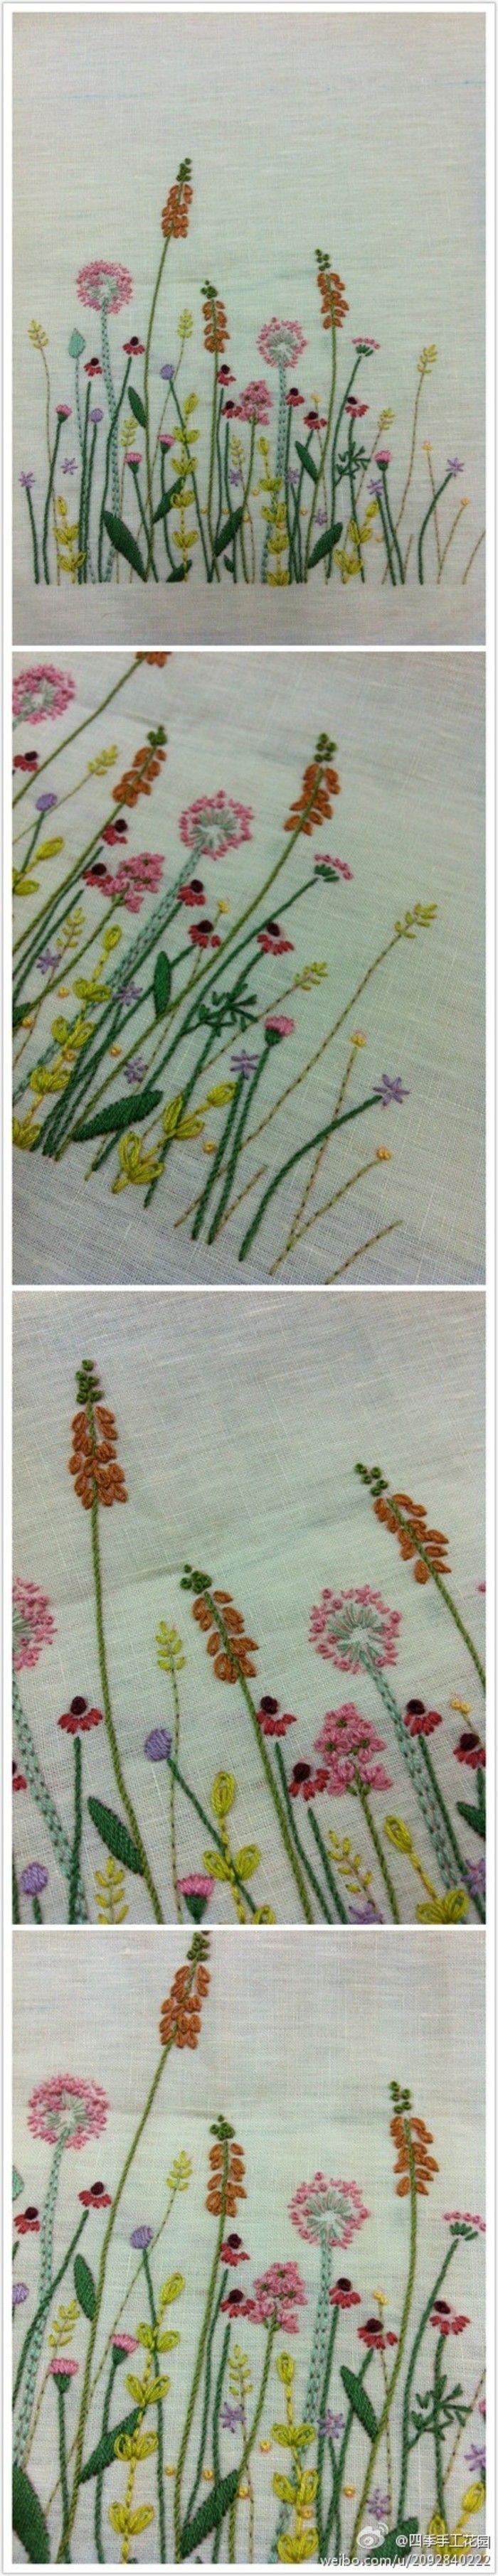 Handmade crocheted crochet art of living